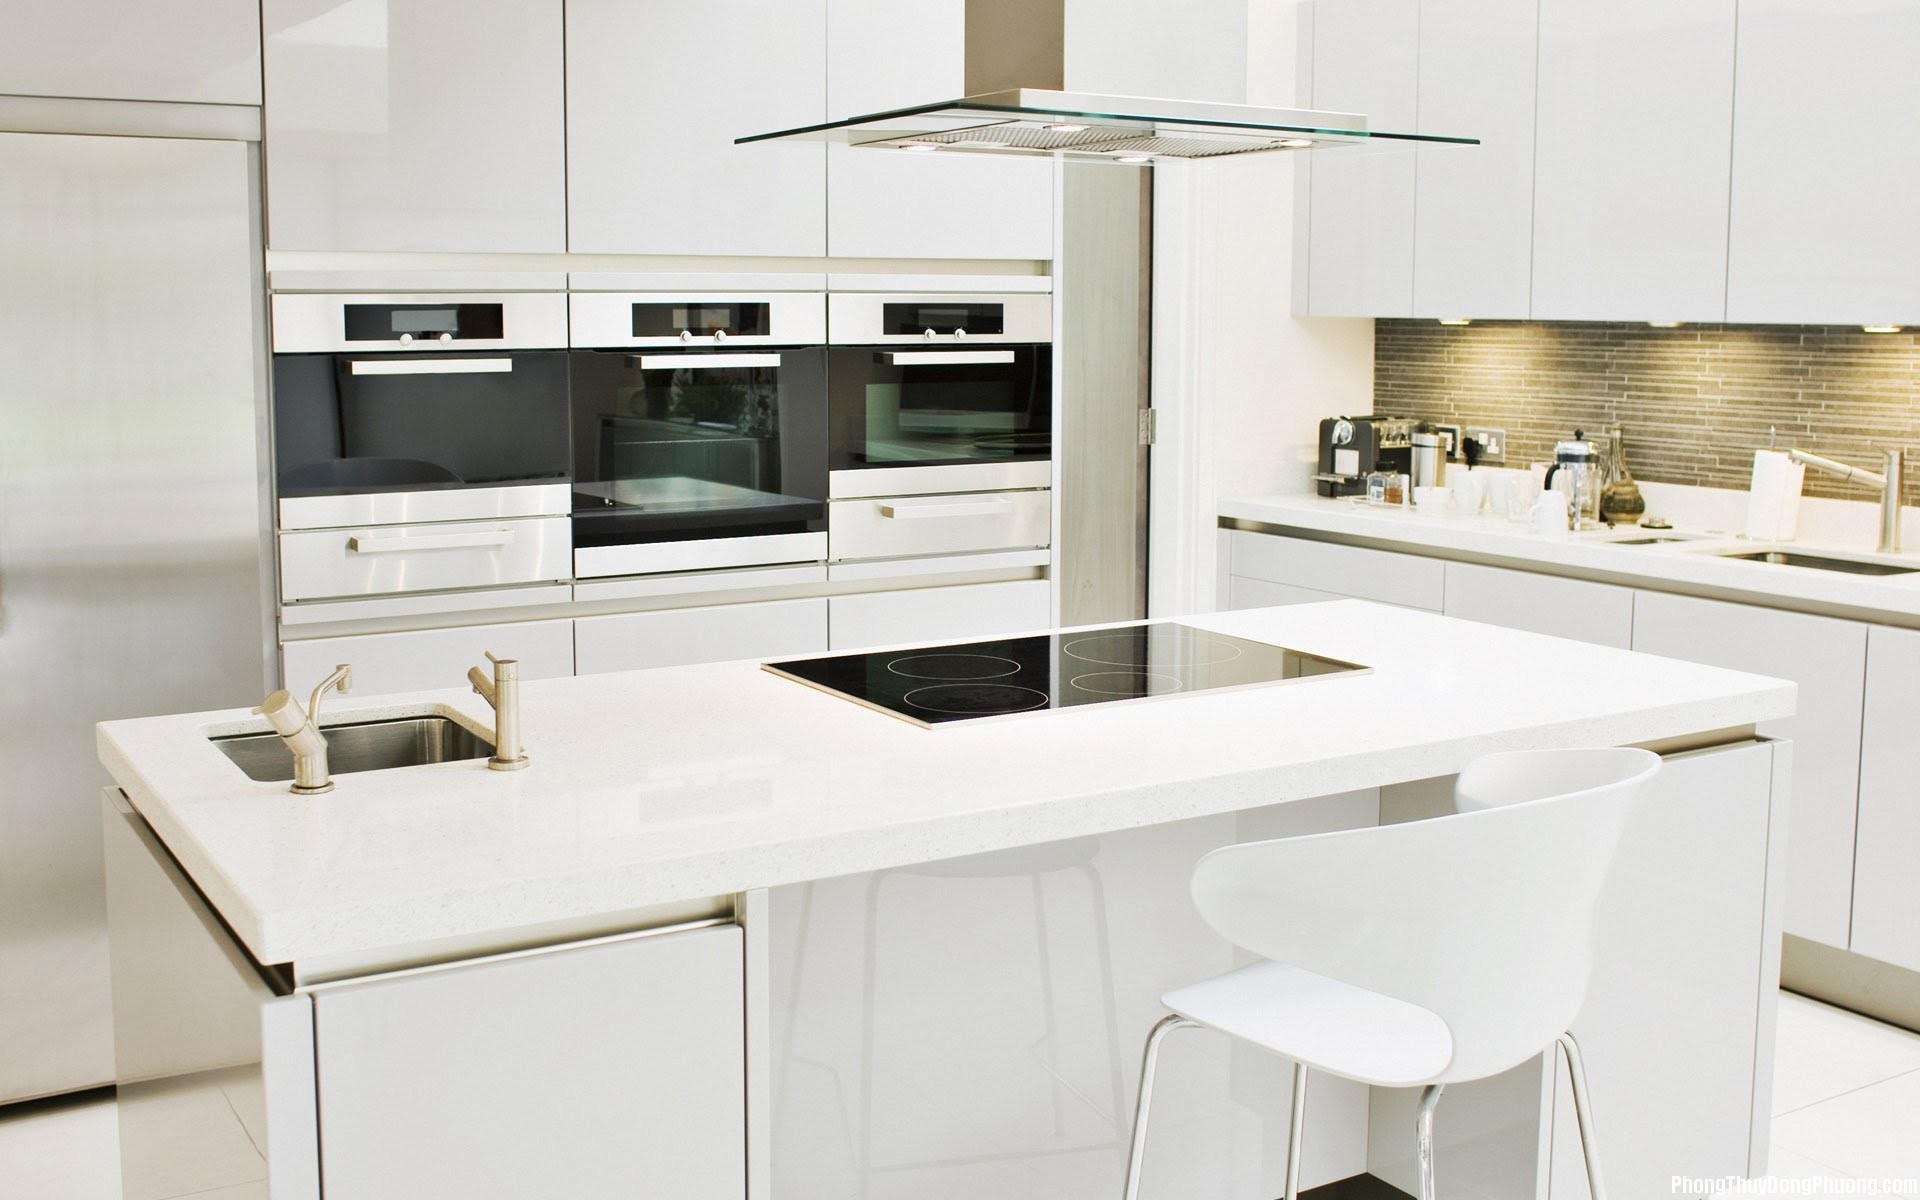 linh phong thuy phong bep nhung yeu to mau sac va vat lieu ban can biet 354133621f Phong thủy phòng bếp: Những yếu tố về màu sắc và vật liệu bạn cần biết